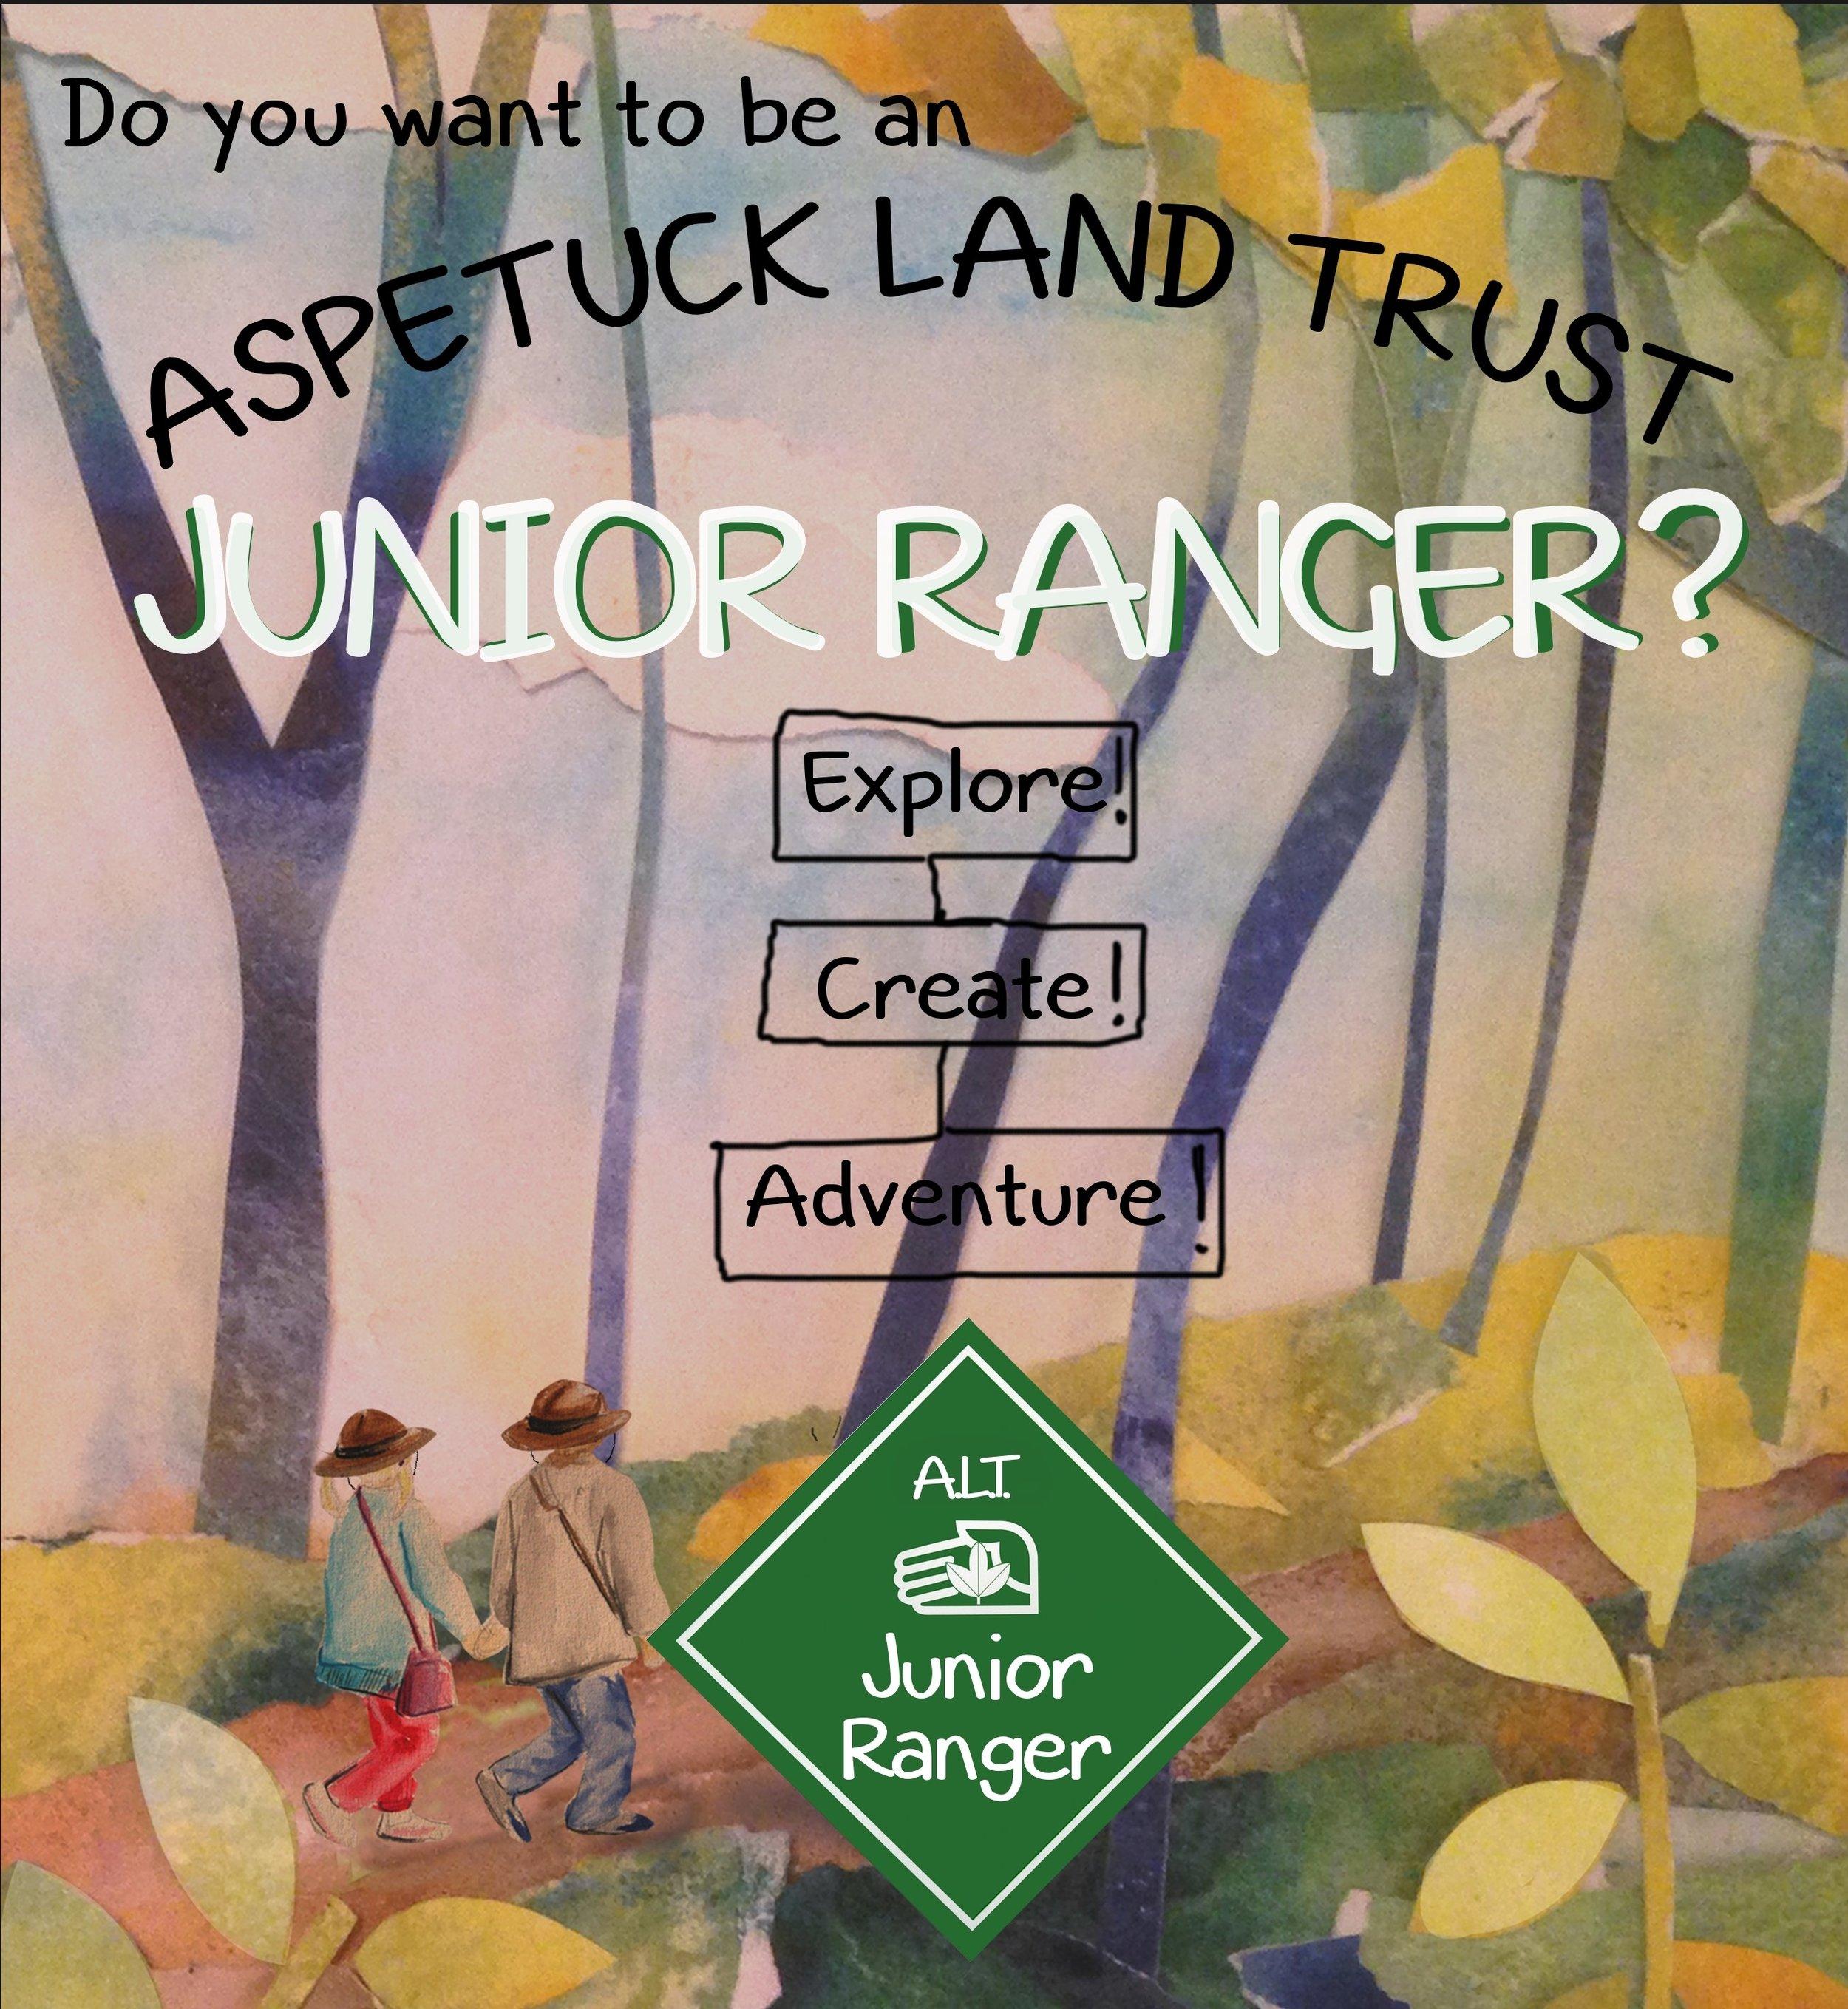 ALT Jr Ranger Poster Image Only.jpg